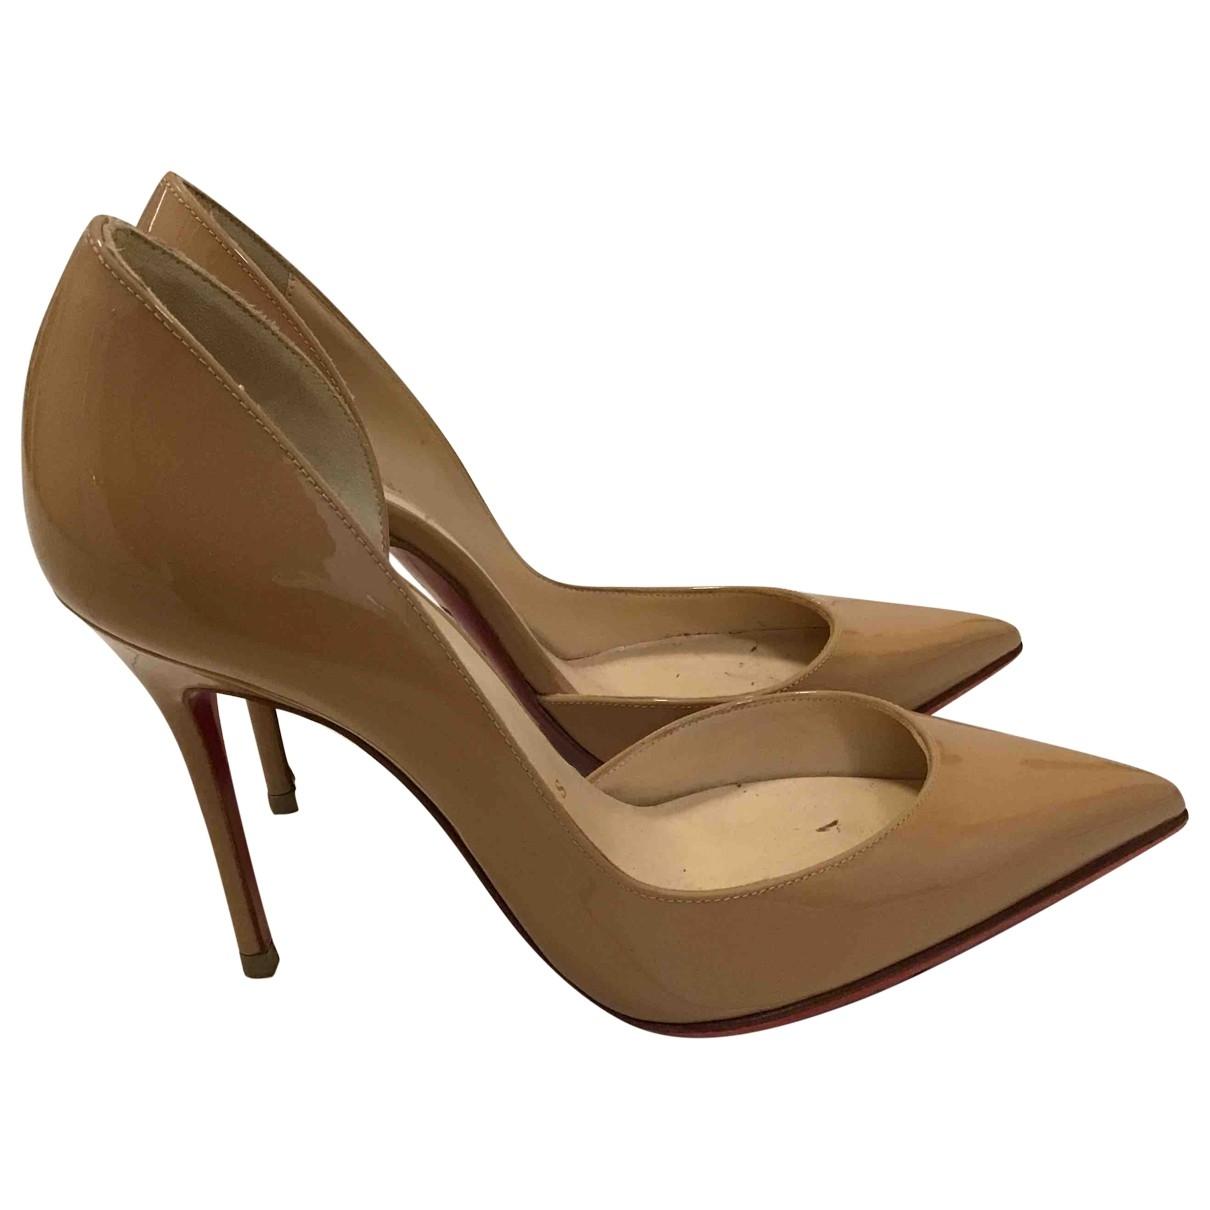 Christian Louboutin Iriza Brown Patent leather Heels for Women 35 EU